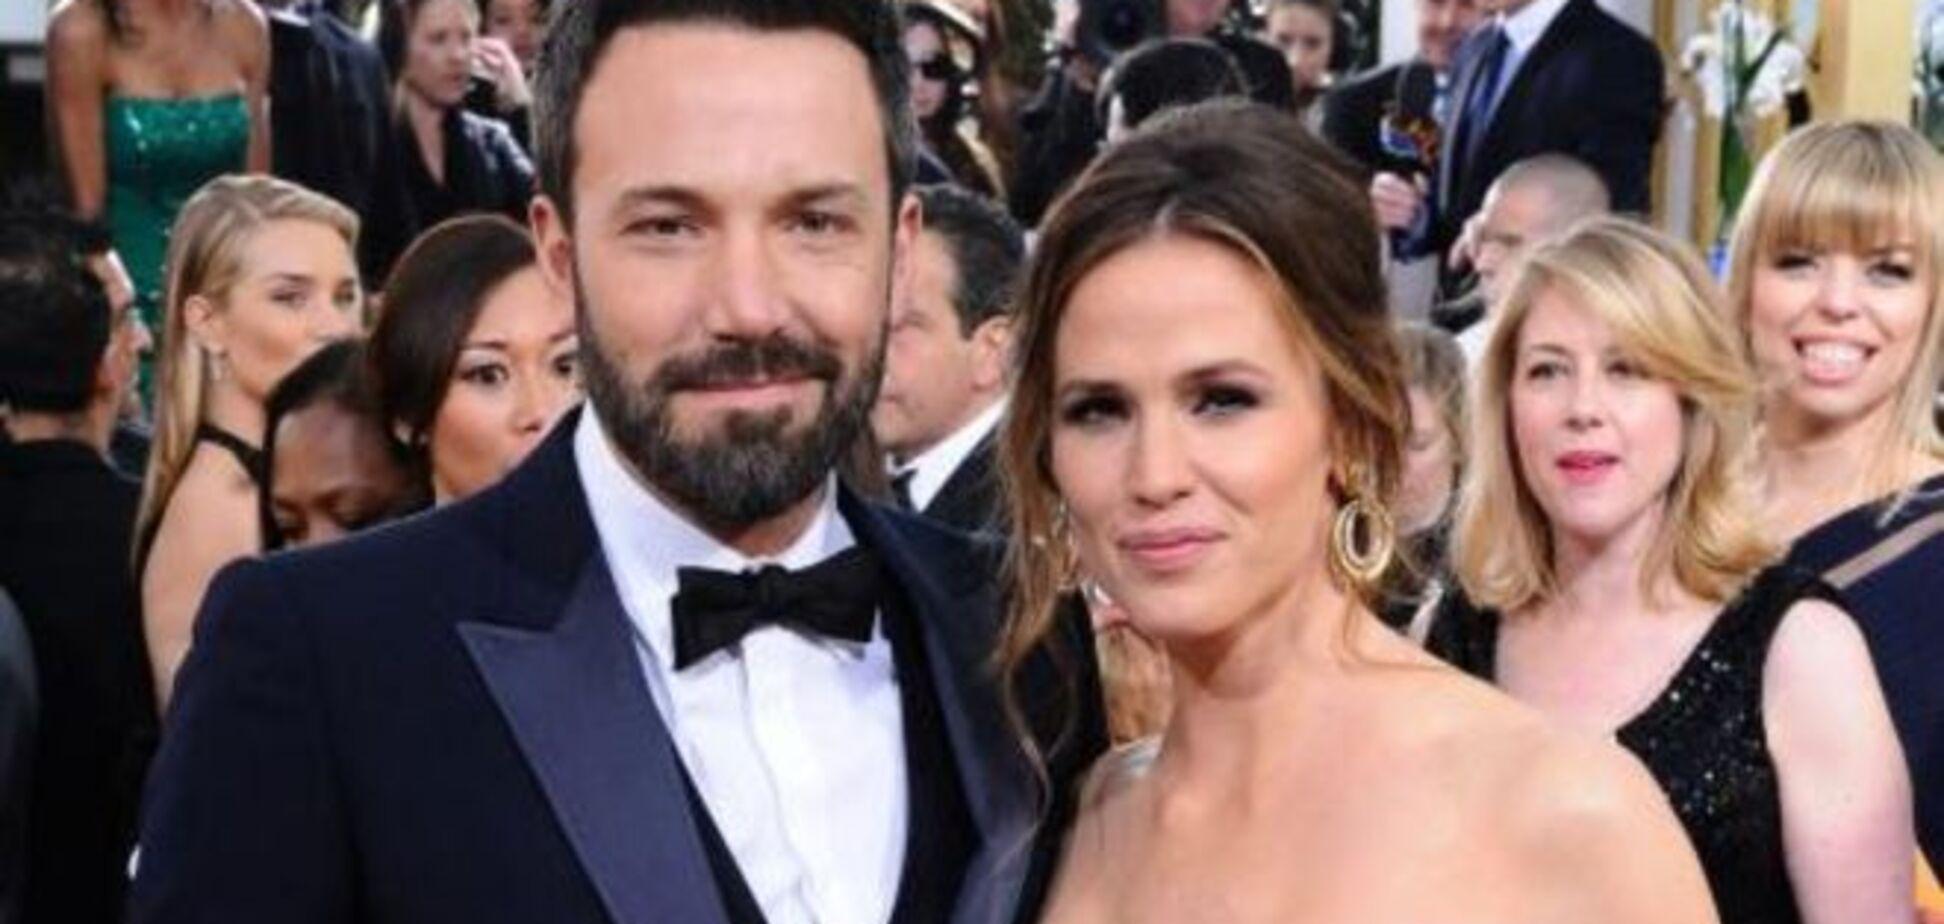 Бен Аффлек и Дженнифер Гарнер разводятся после 10 лет брака: лучшие фото звездной пары